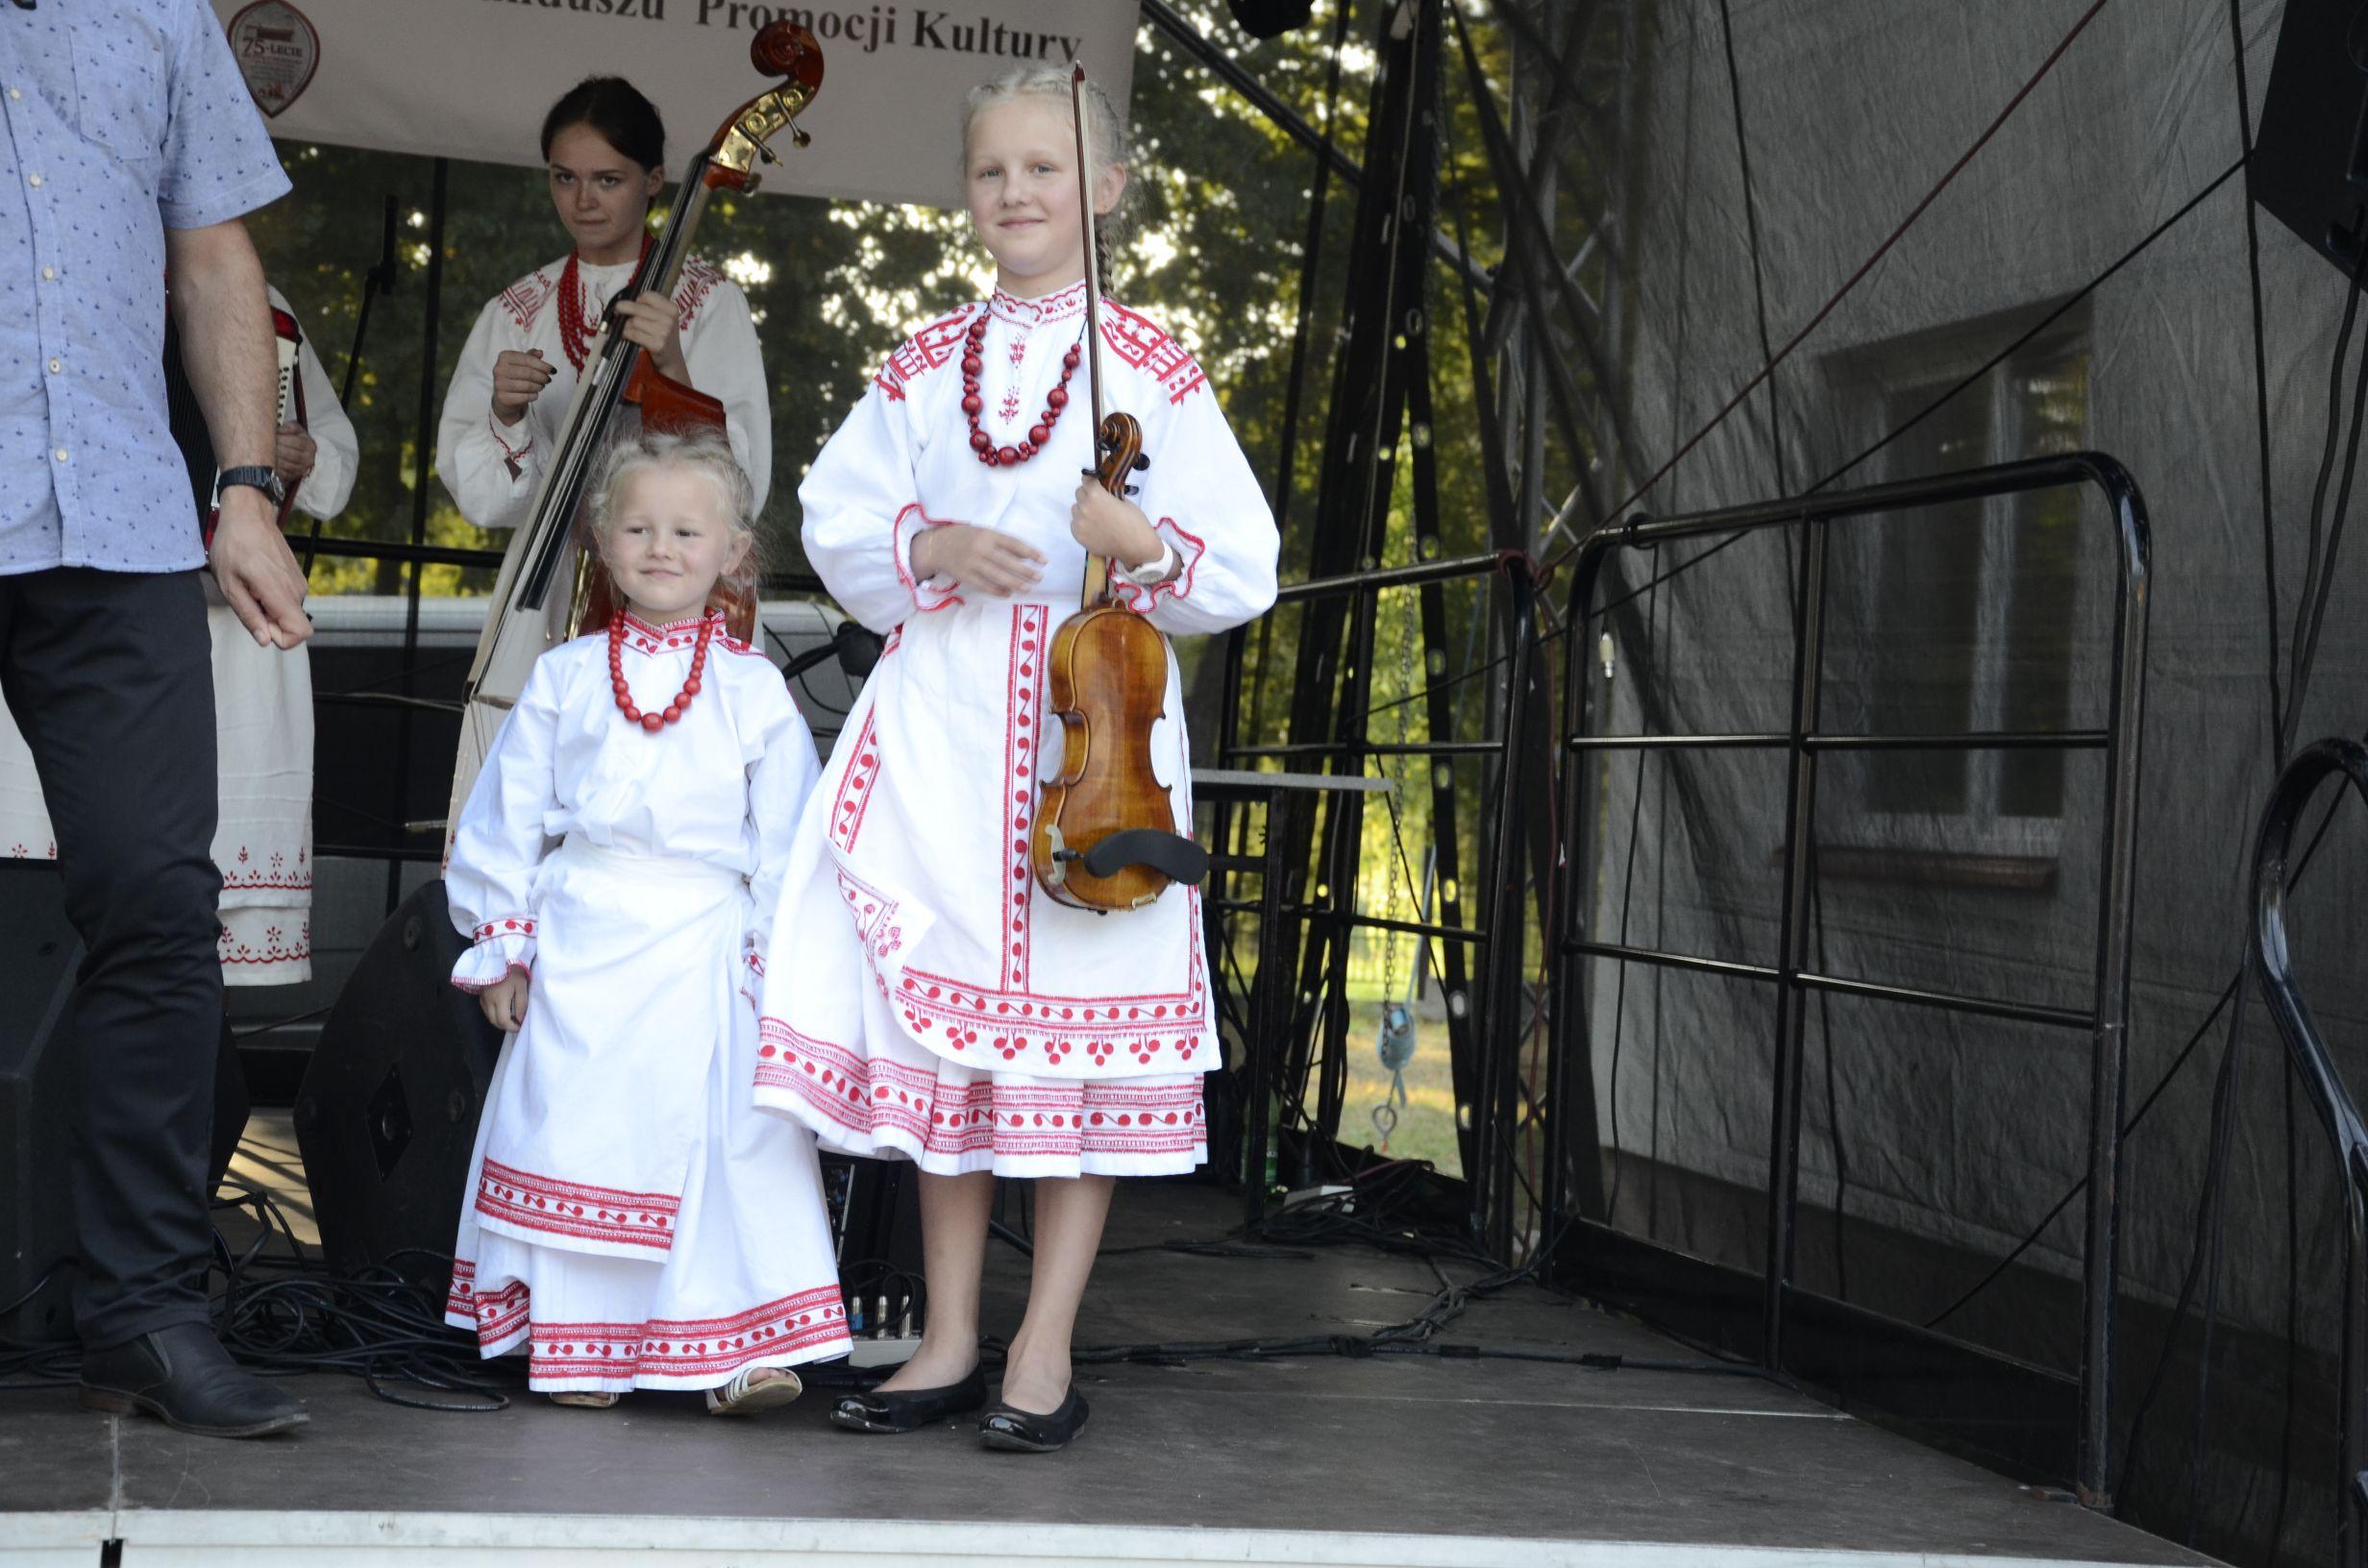 OSP w Hucie Komorowskiej świętowała 75 lat istnienia. Zorganizowano festiwal [ZDJĘCIA] - Zdjęcie główne